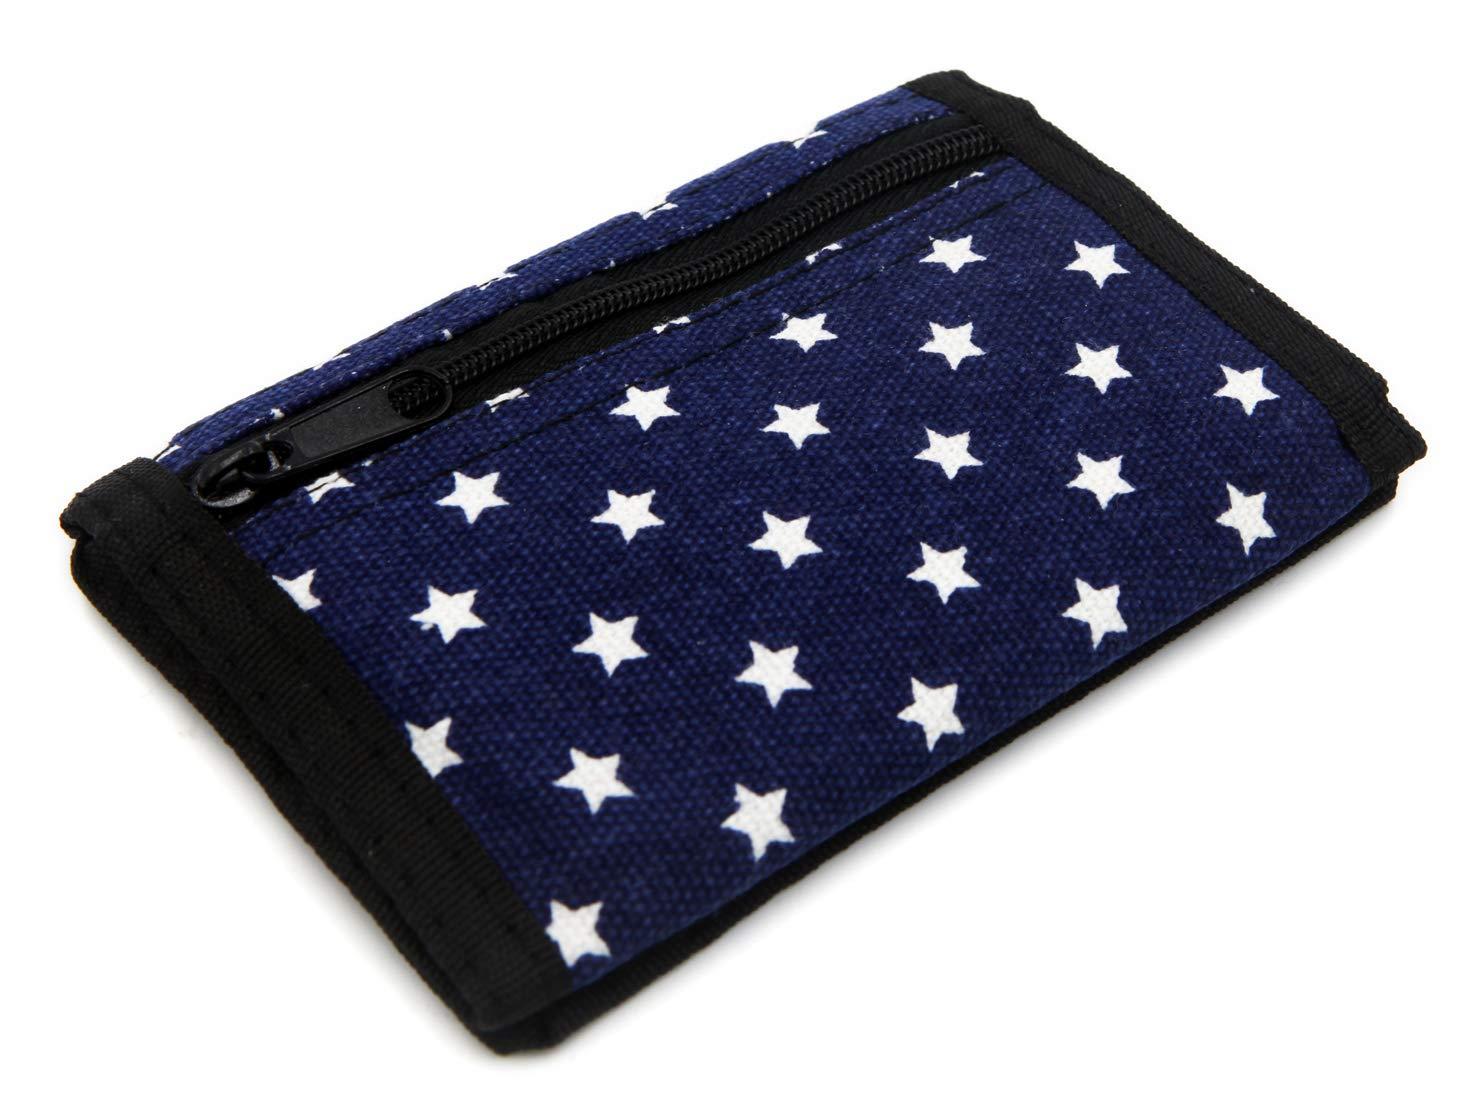 RFID Portefeuille Fin en Toile pour Enfants imprim/é /à Trois Volets avec Fermeture /Éclair Black Star Petit